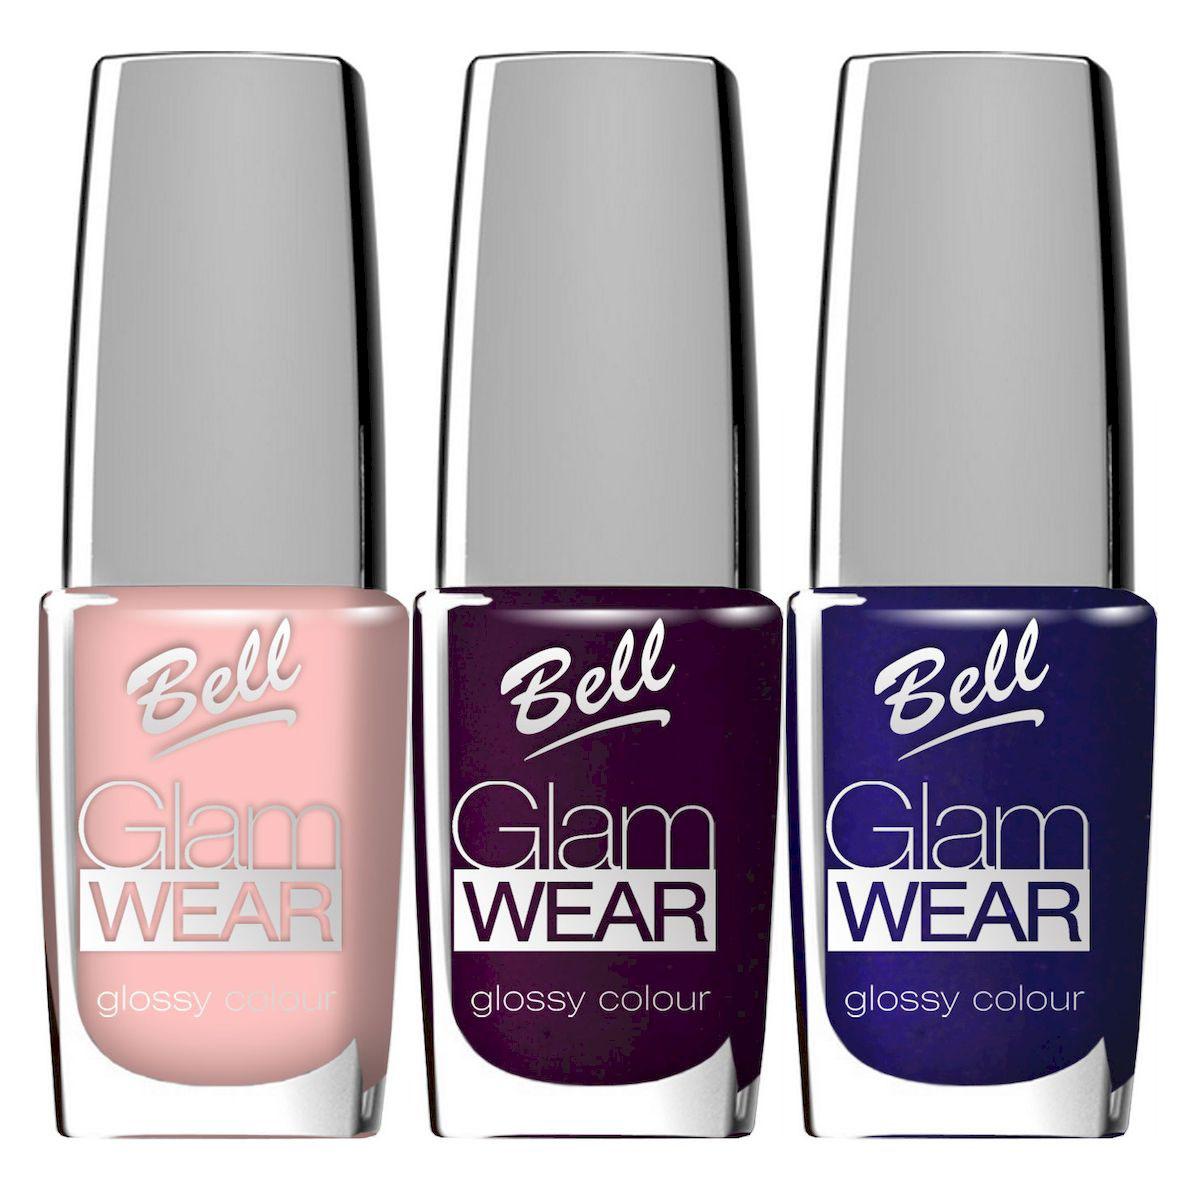 Bell Набор устойчивых лаков для ногтей с глянцевым эффектом Glam Wear Nail: тон №423, тон №424, тон №440, 30 млBsp26Устойчивый лак для ногтей.